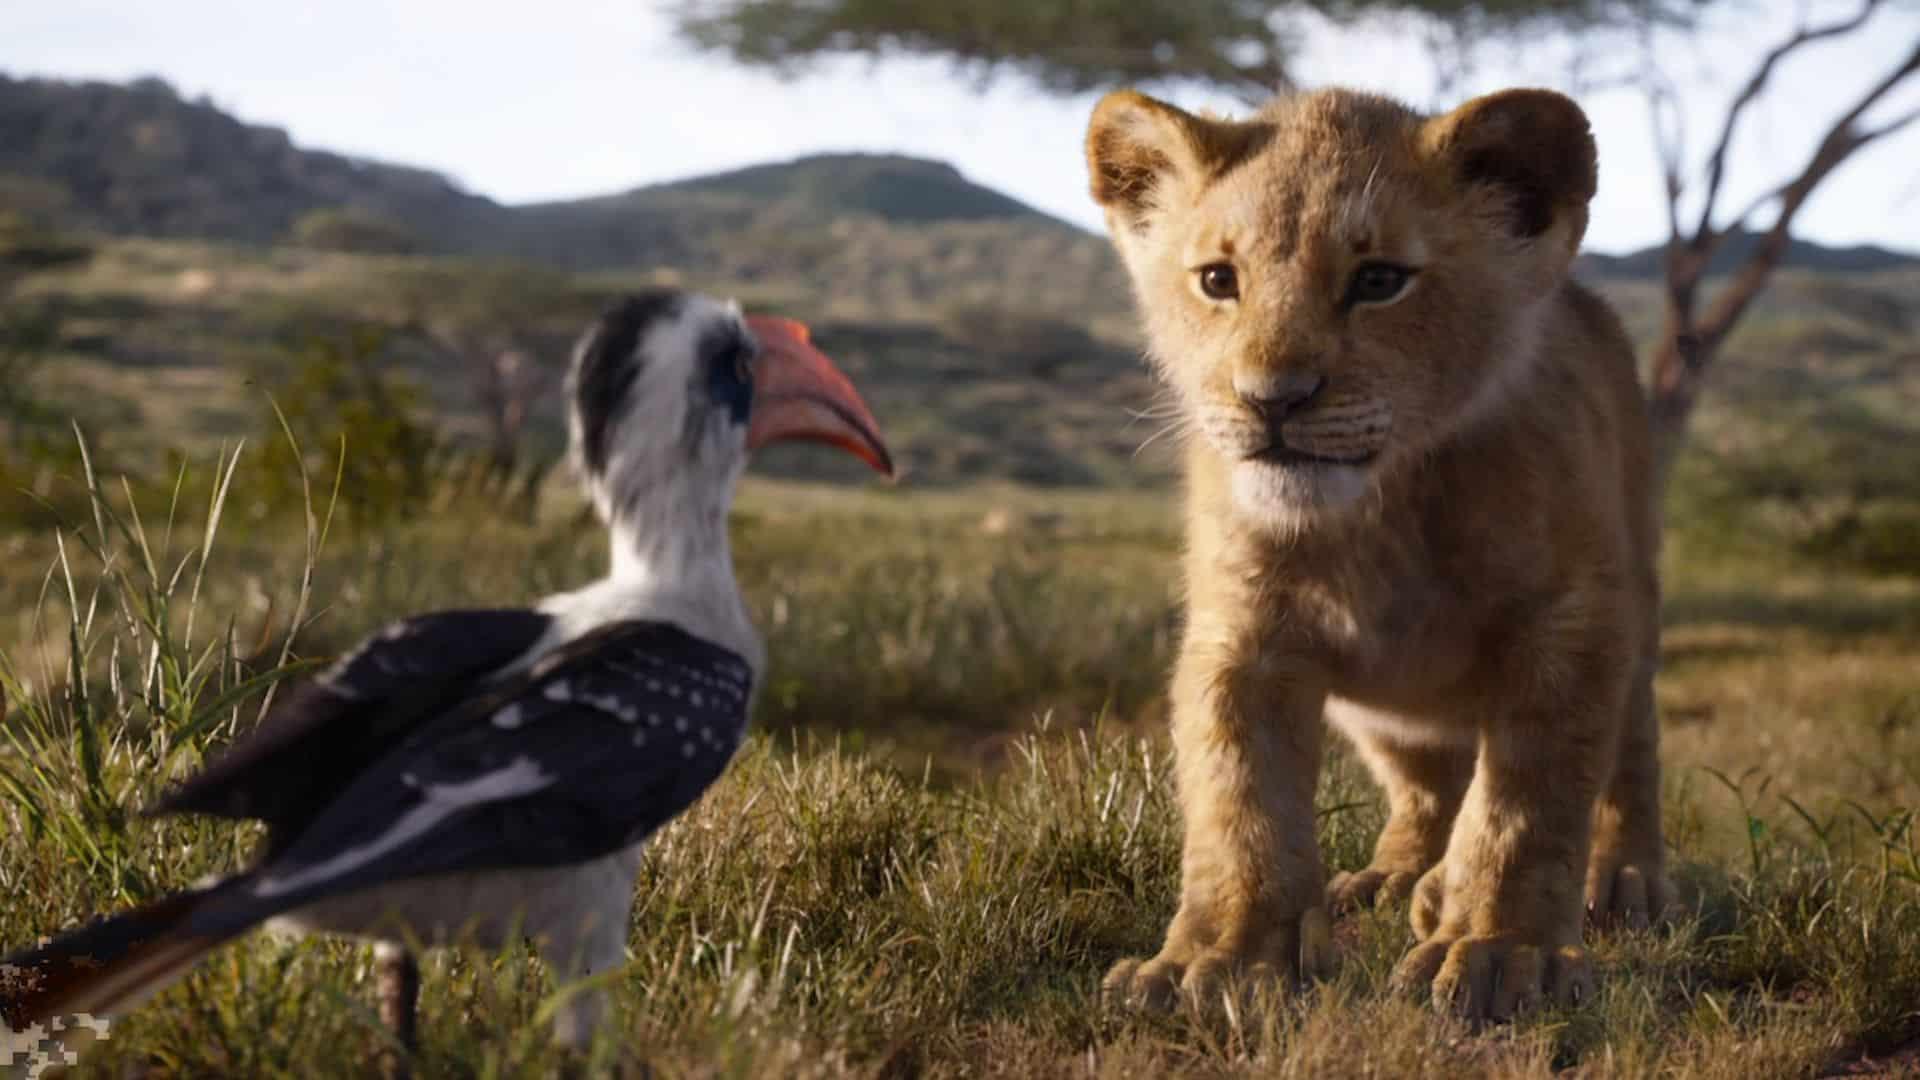 Il re leone: Jon Favreau su come dare espressioni naturali agli animali